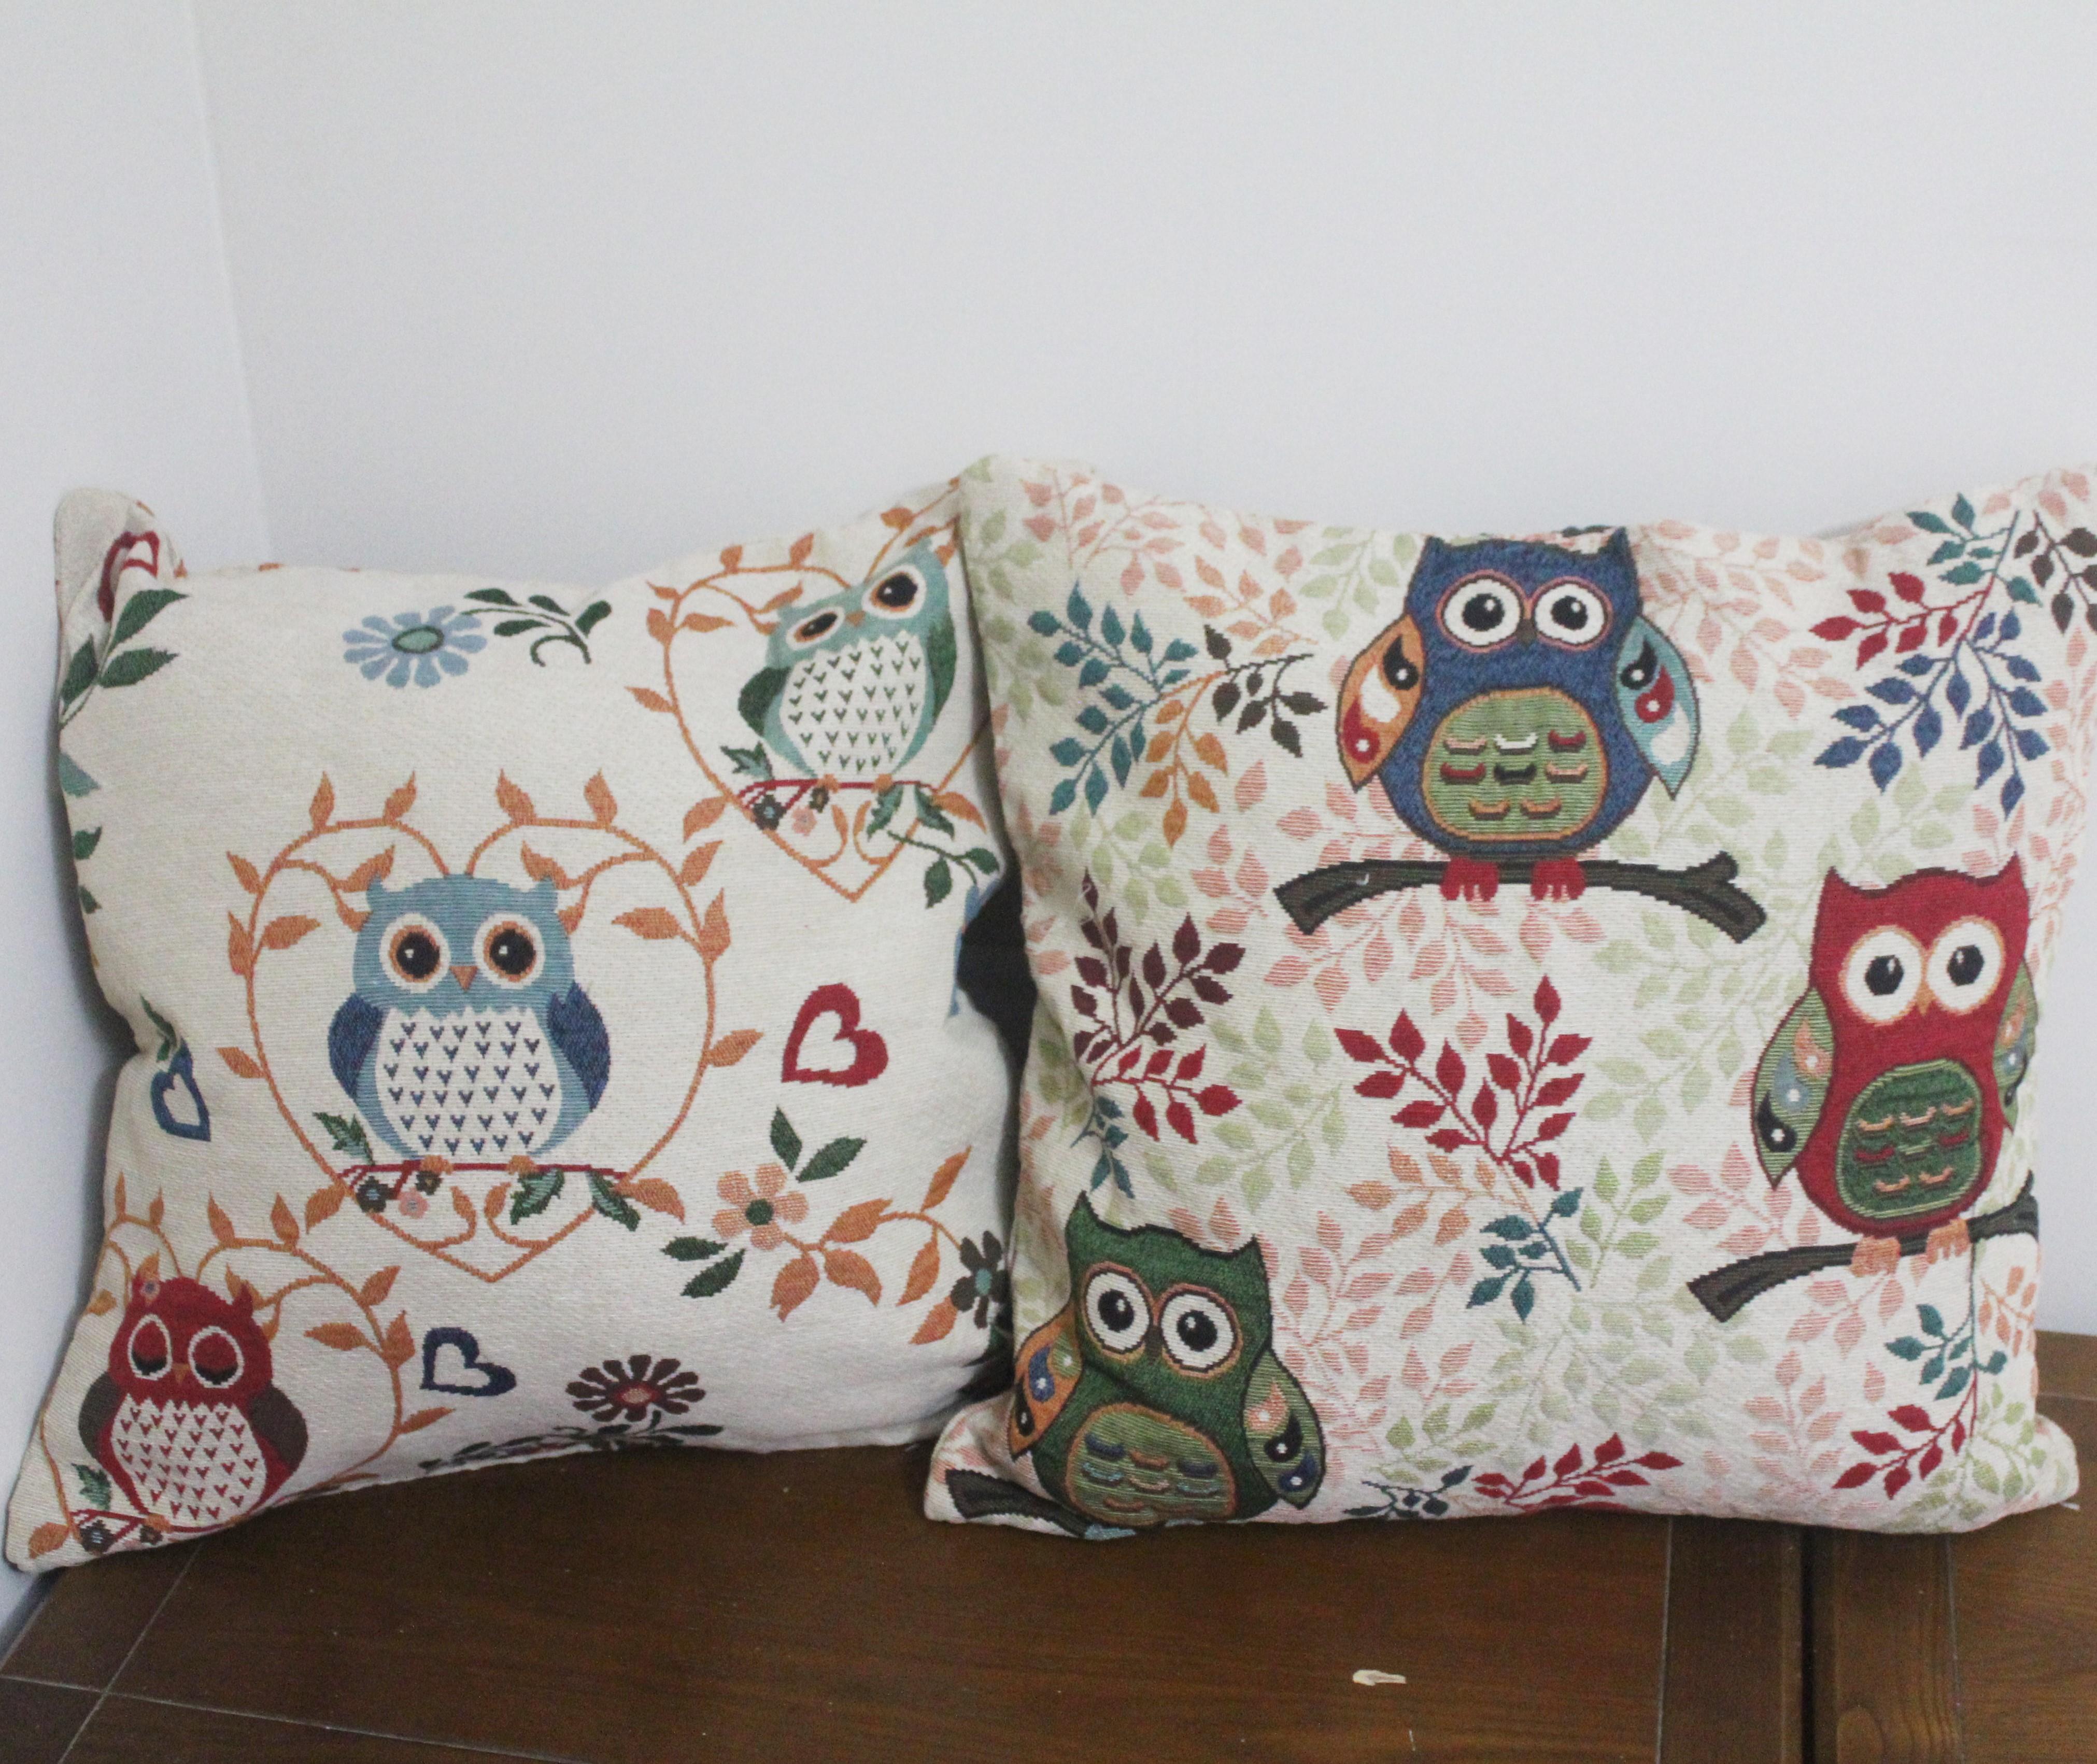 Vintage Eule Dekorative Kissenbezge Wohnzimmer Couch Sitz Boden Stuhl Kissen Cover Outdoor Kissenbezug Fr Sofa